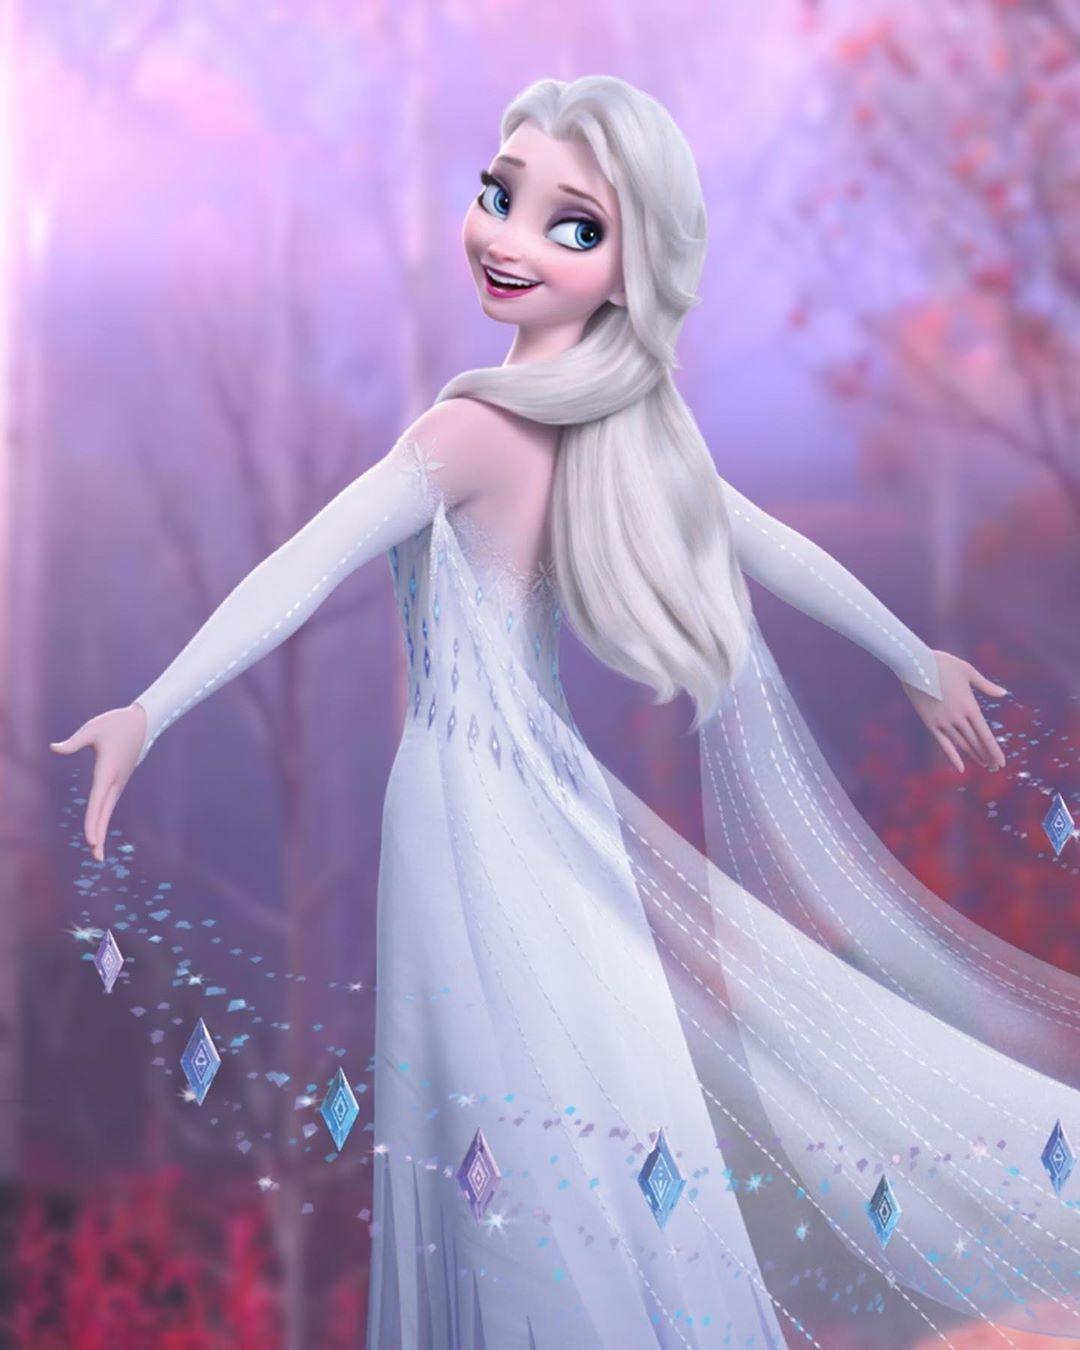 """Disney Н'¬ð""""Šð''𝑒𝓃 Н¸ð""""ð""""ˆð'¶ On Instagram Elsa S Disney Н'¬ð""""Šð''𝑒𝓃 Н¸ð""""ð""""ˆð'¶ On In 2020 Disney Koniginnen Disney Prinzessinnen Bilder Konigin Elsa"""